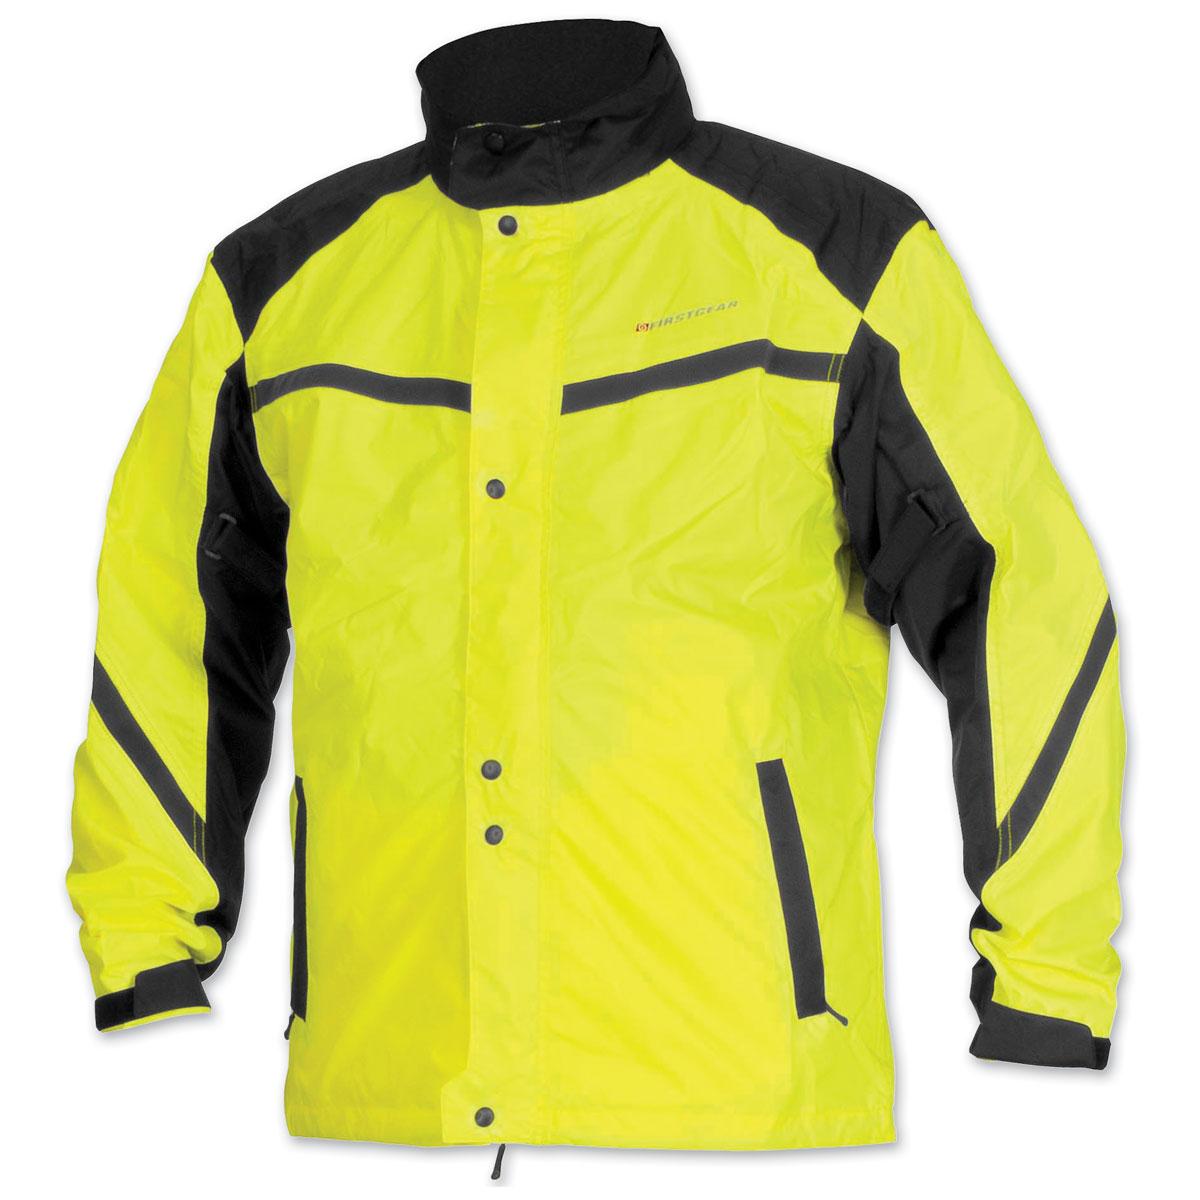 Firstgear Men's Sierra DayGlo Rain Jacket